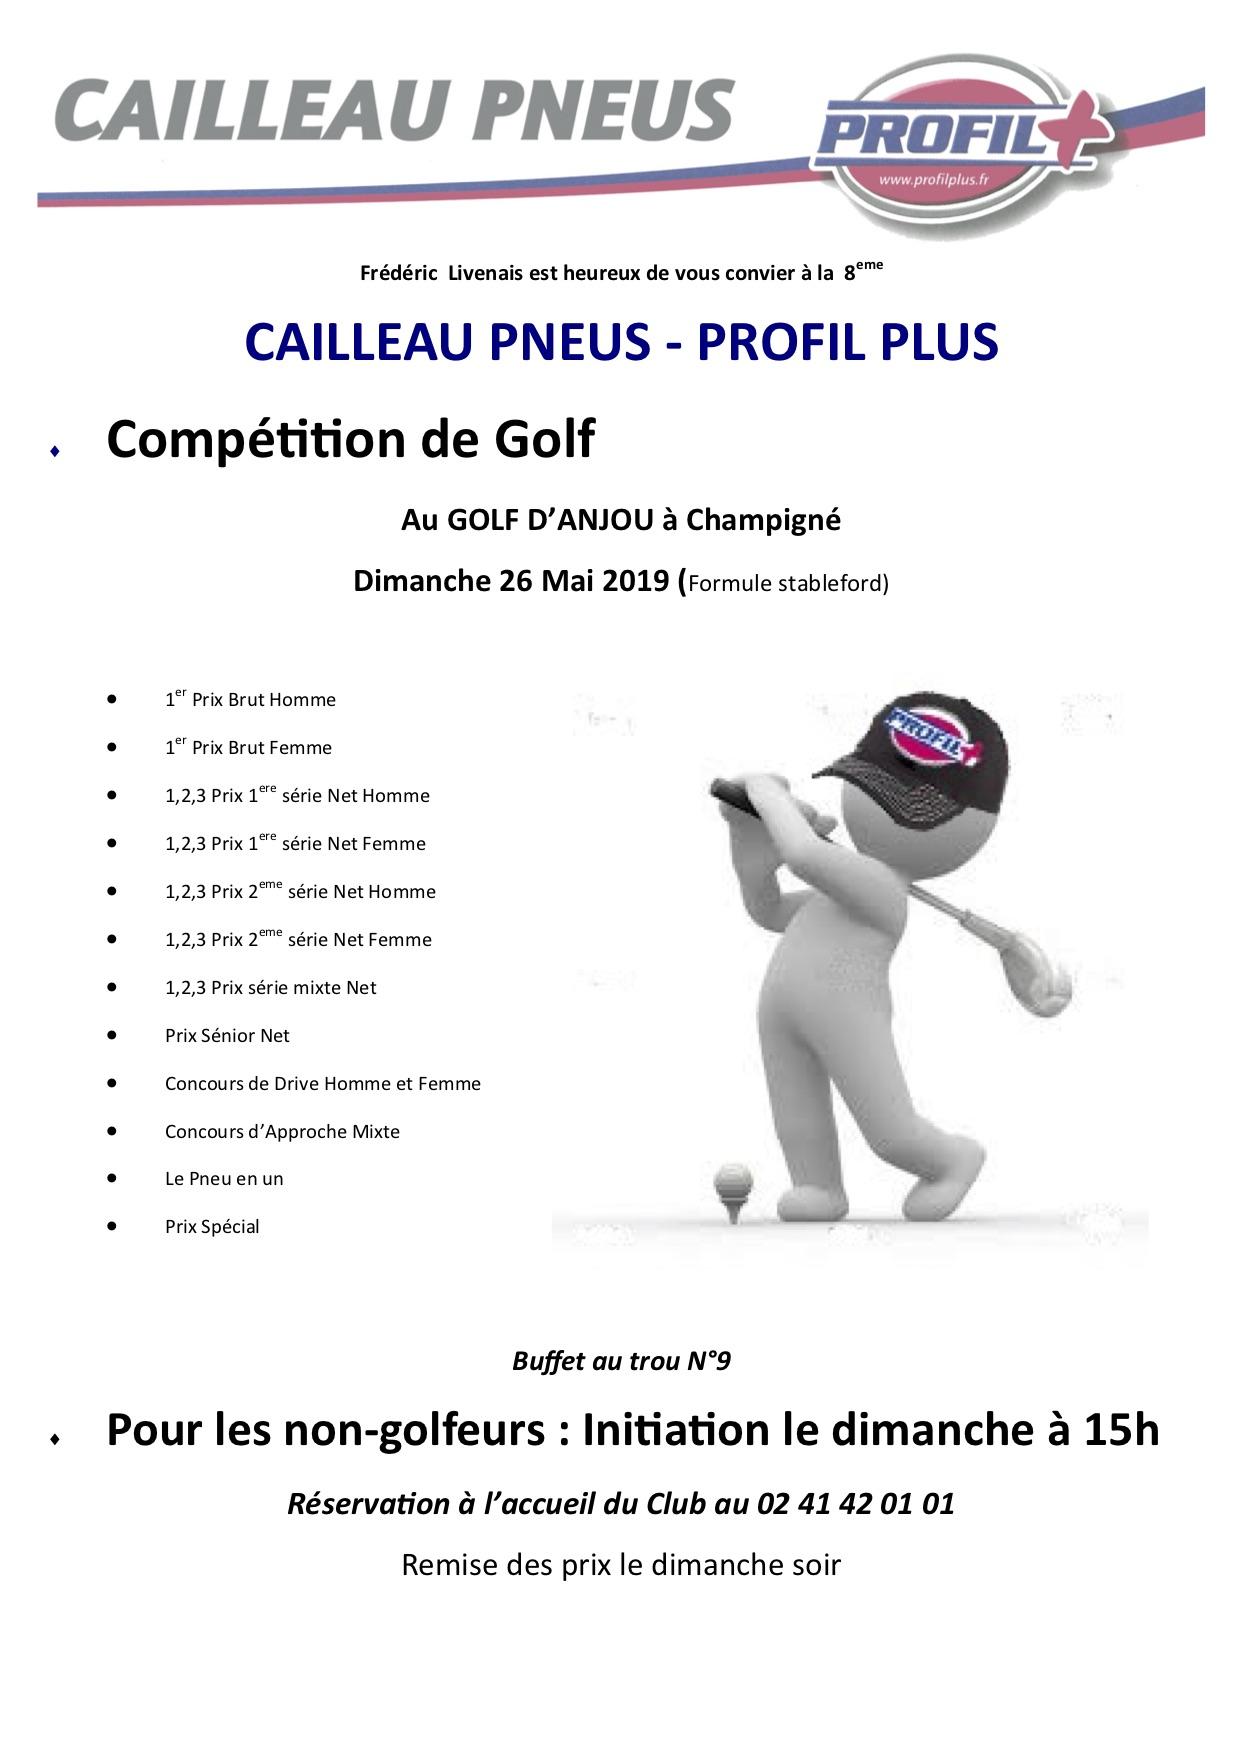 Info Trophée Cailleau Pneus - Profil Plus Anjou Golf